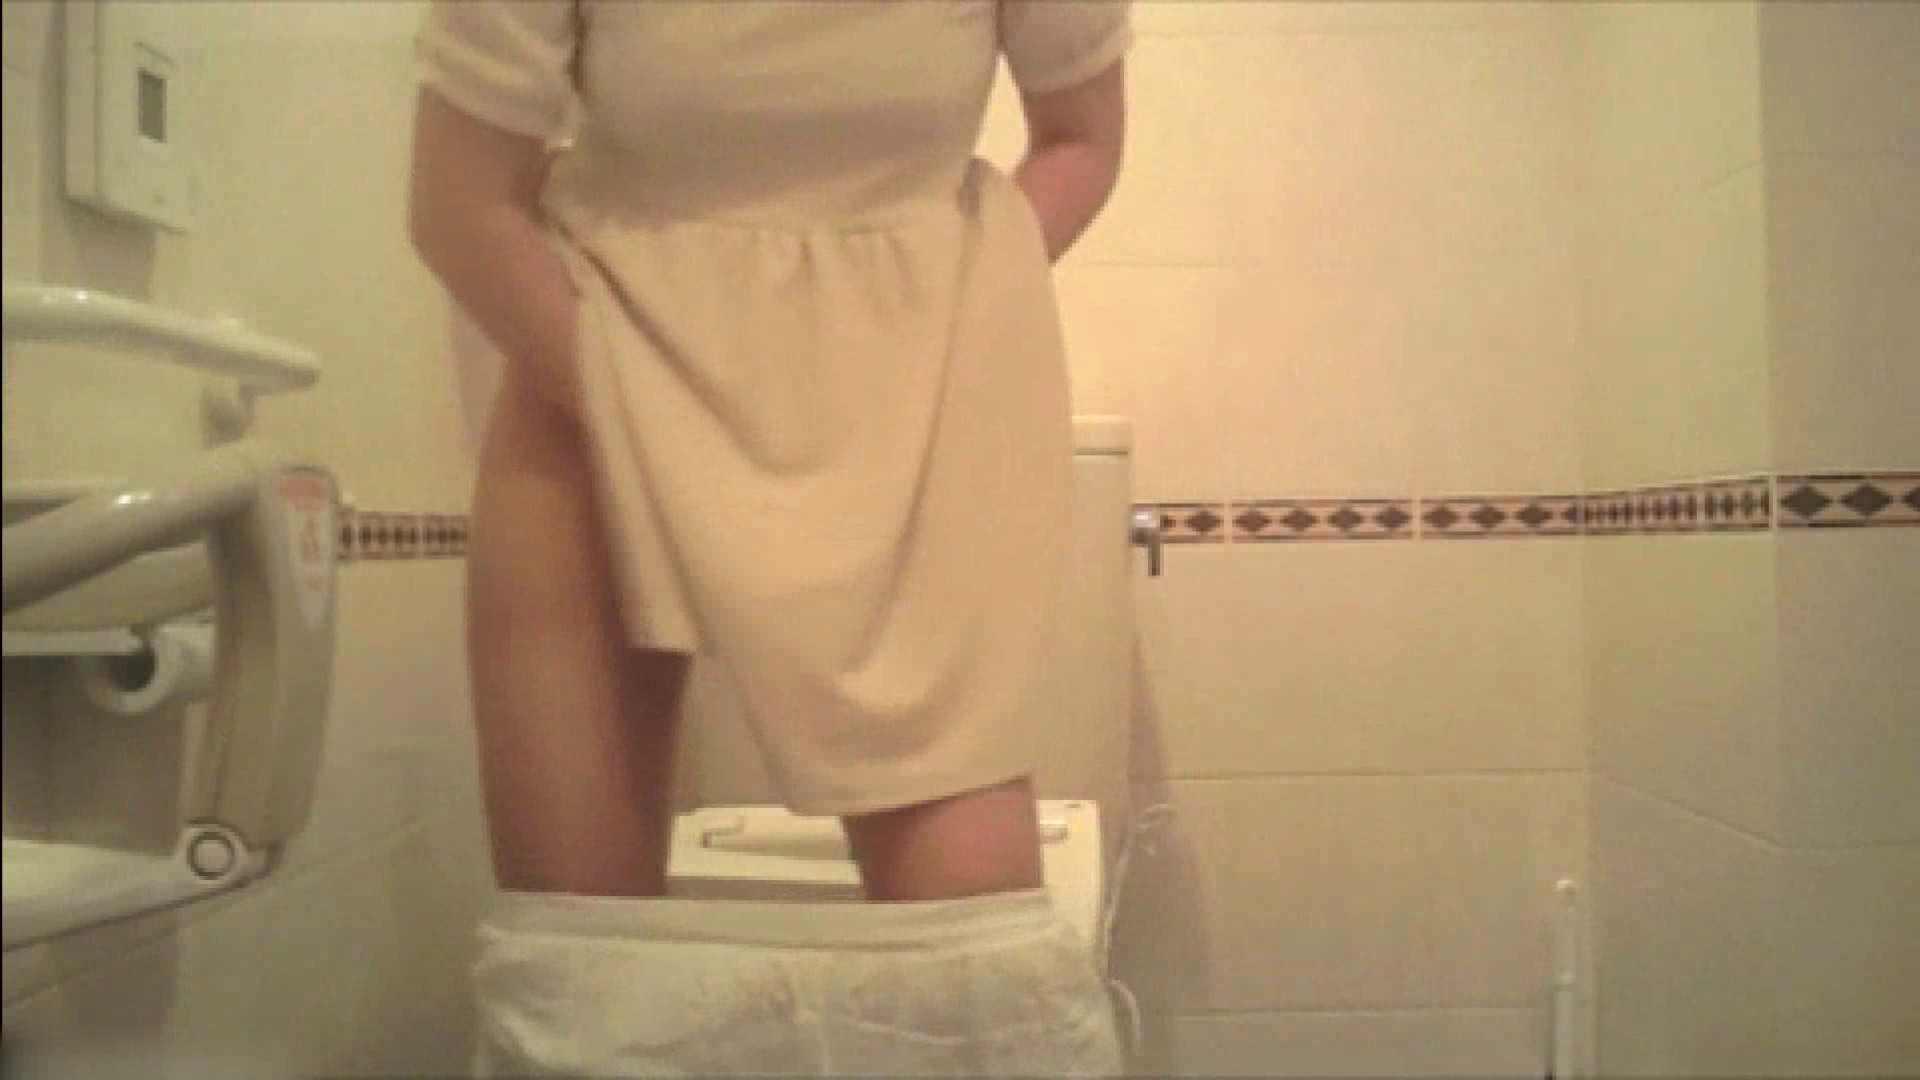 実録!!綺麗なお姉さんのトイレ事情・・・。vol.18 お姉さん丸裸 オマンコ動画キャプチャ 74pic 30